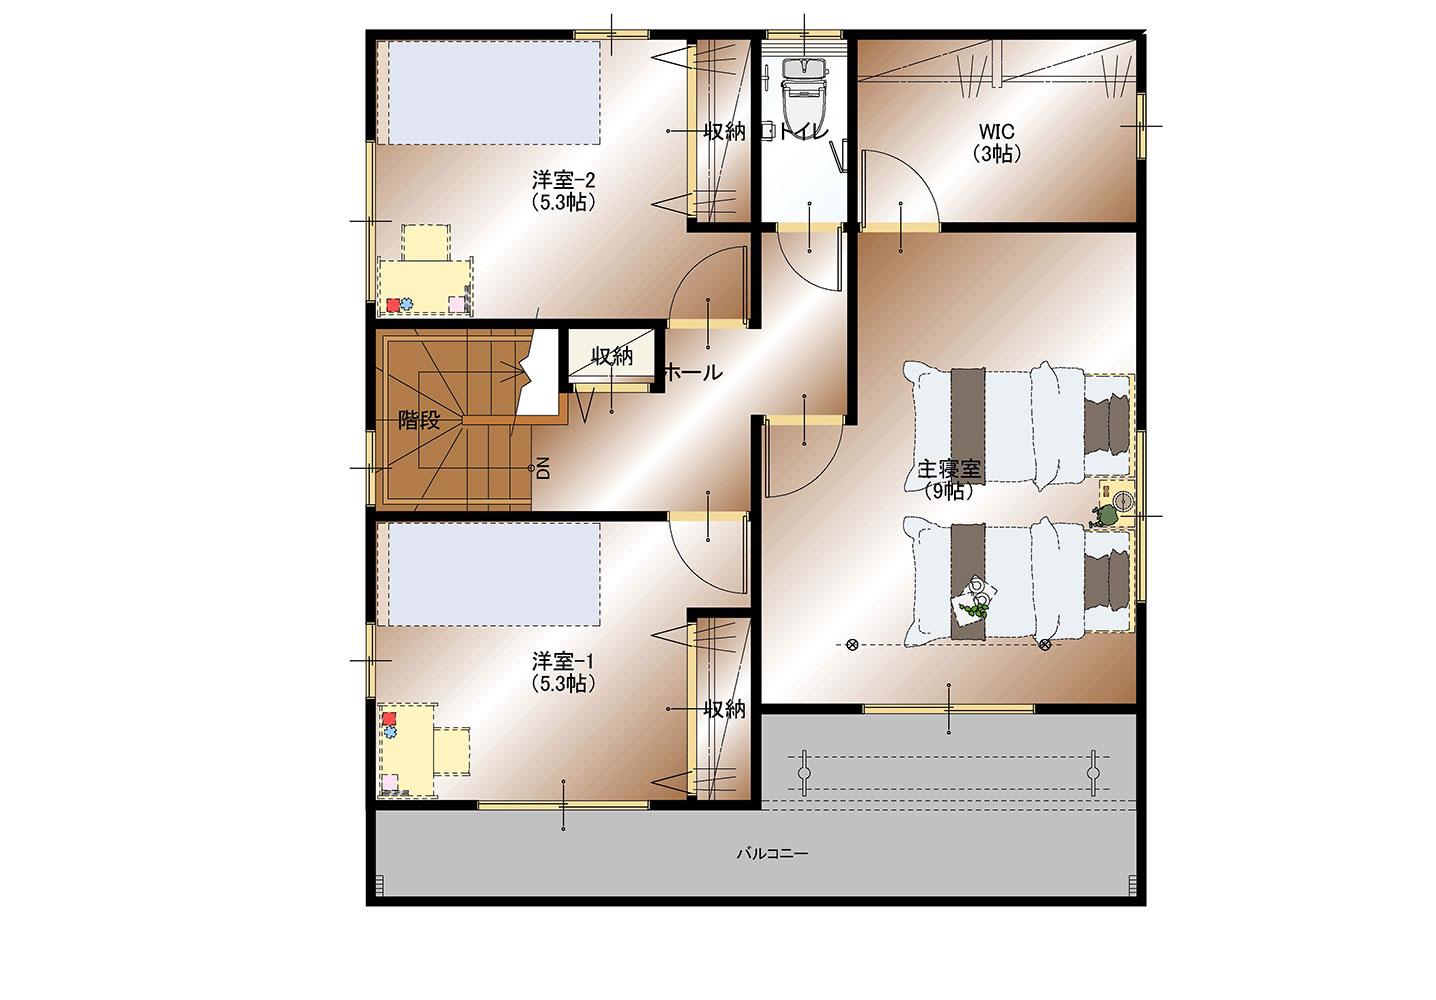 甲斐市下今井D1号棟 建売住宅 平面図2F